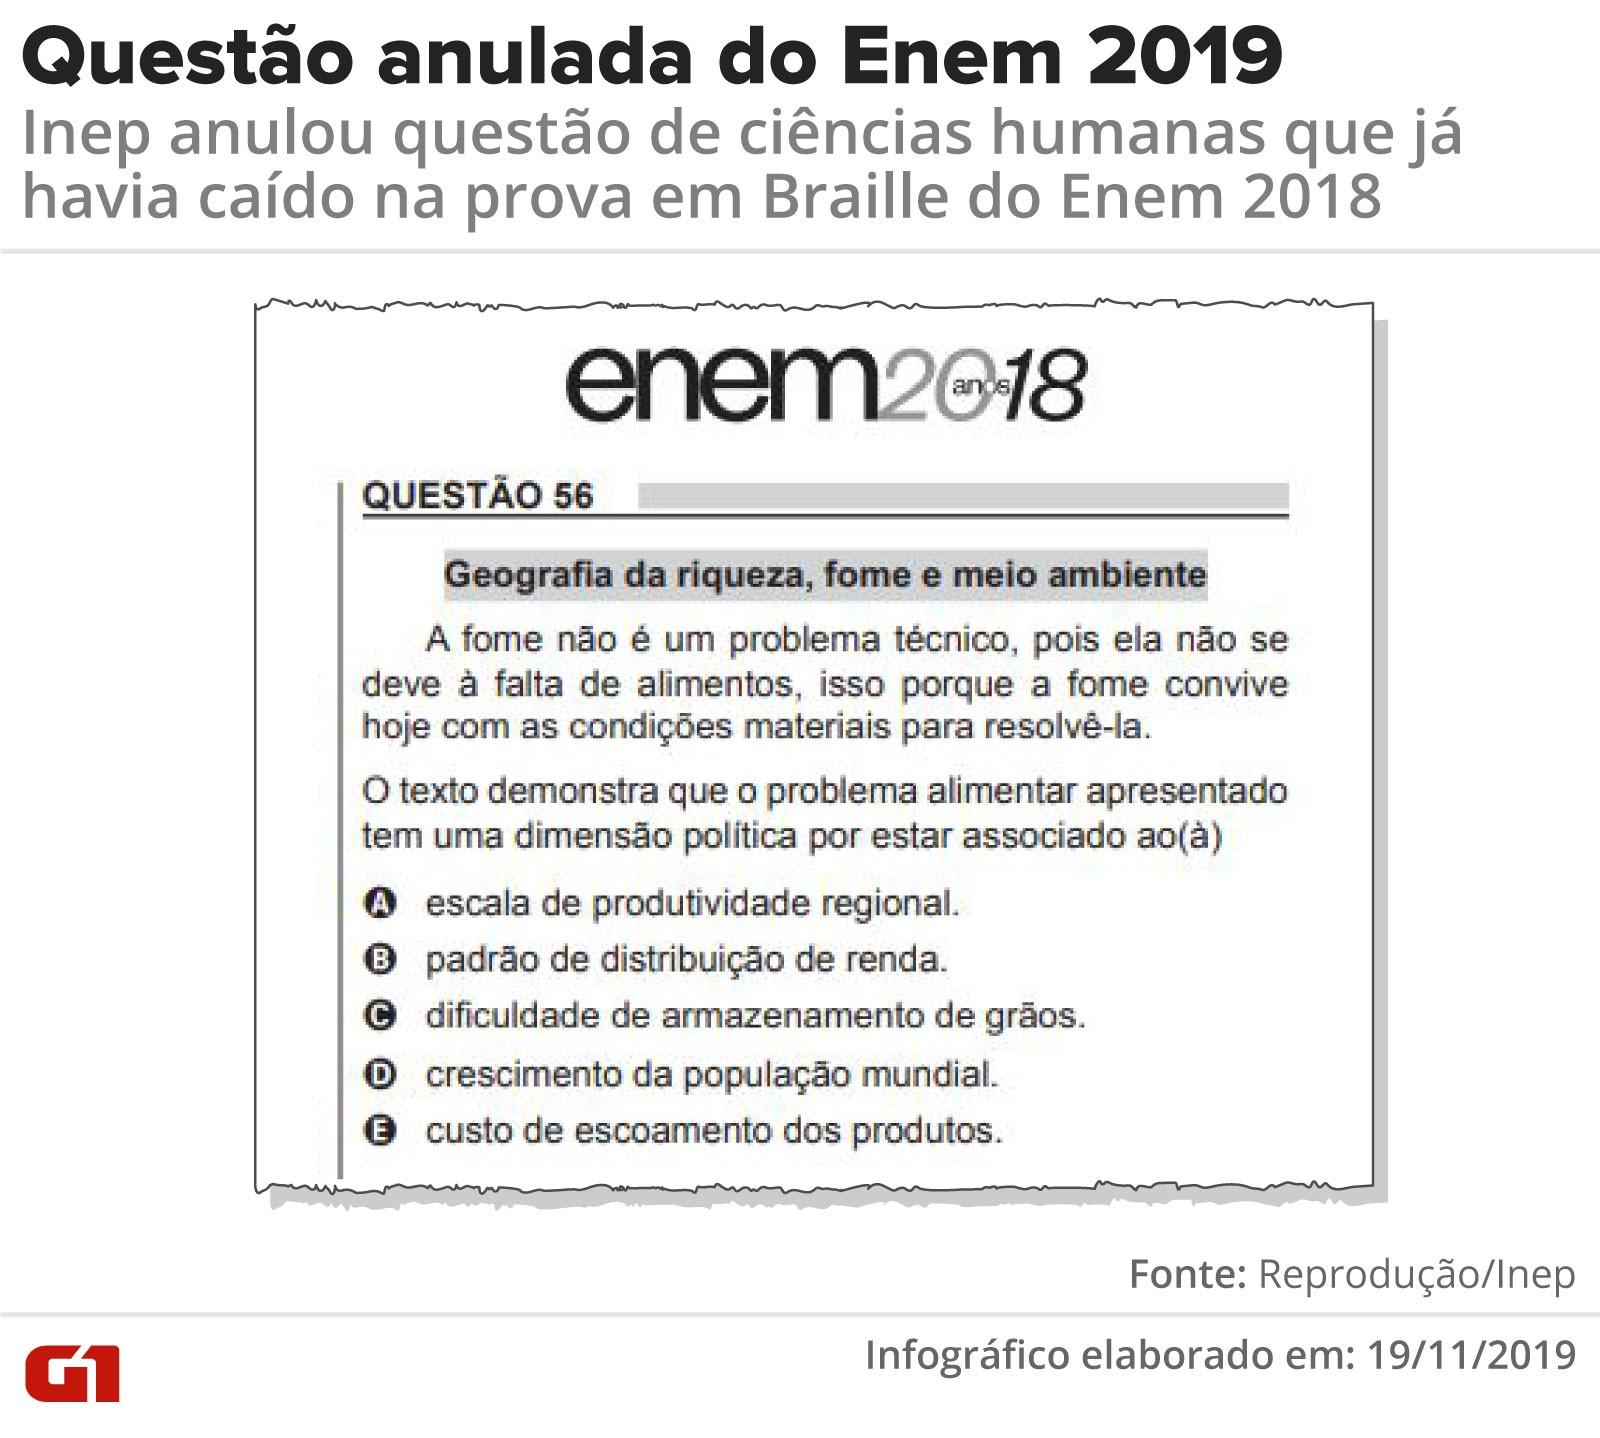 Inep anula questão do Enem 2019 por causa de repetição